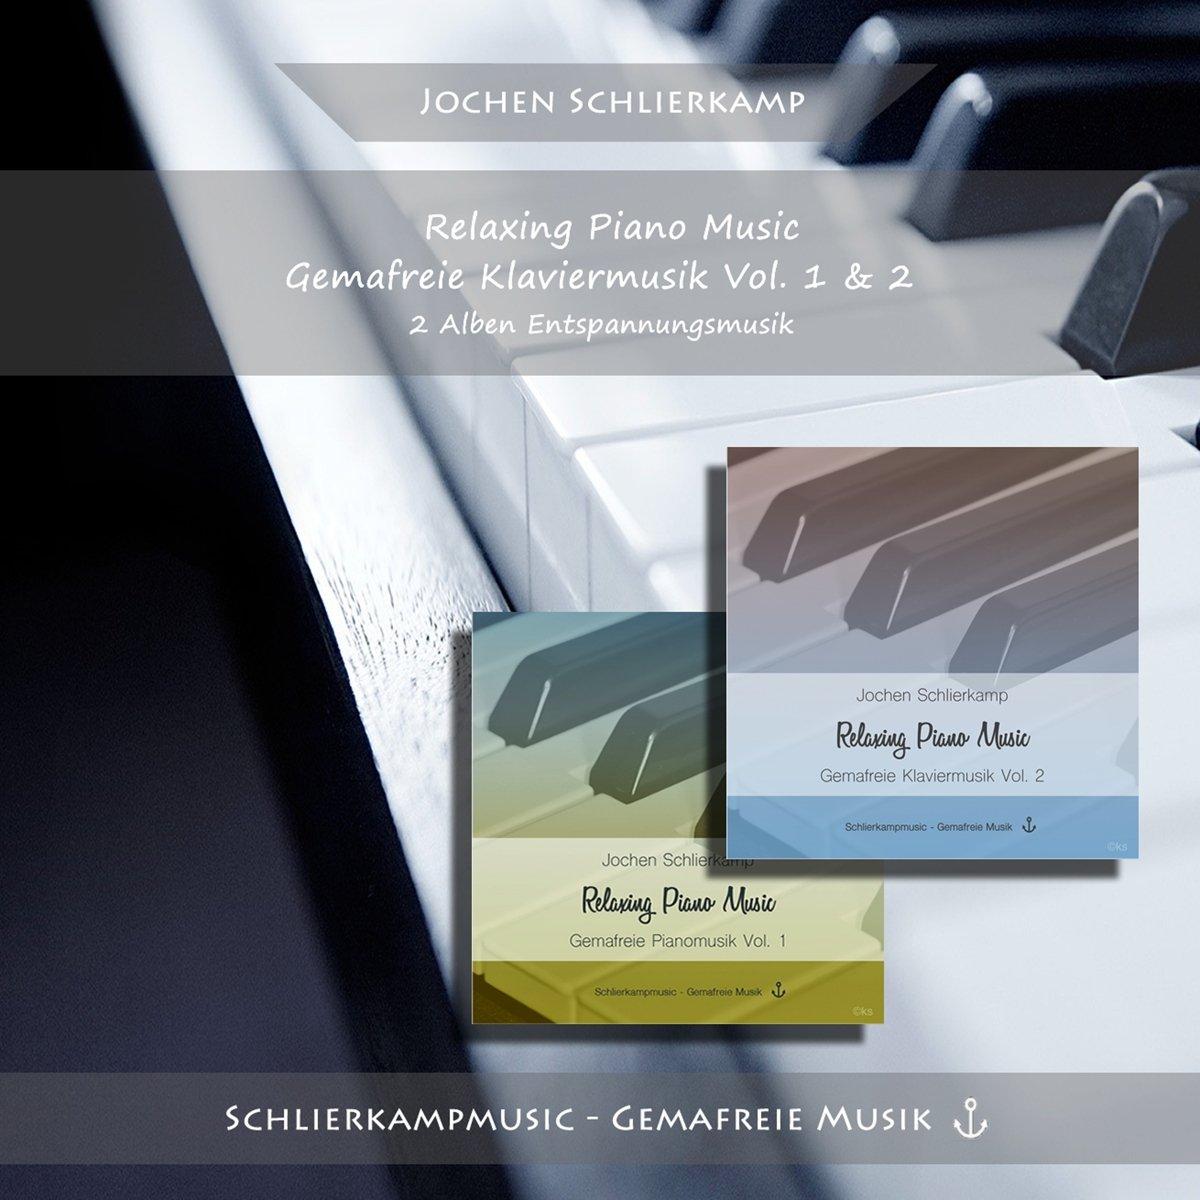 Jochen Schlierkamp, - - Relaxing Piano Music - Gemafreie